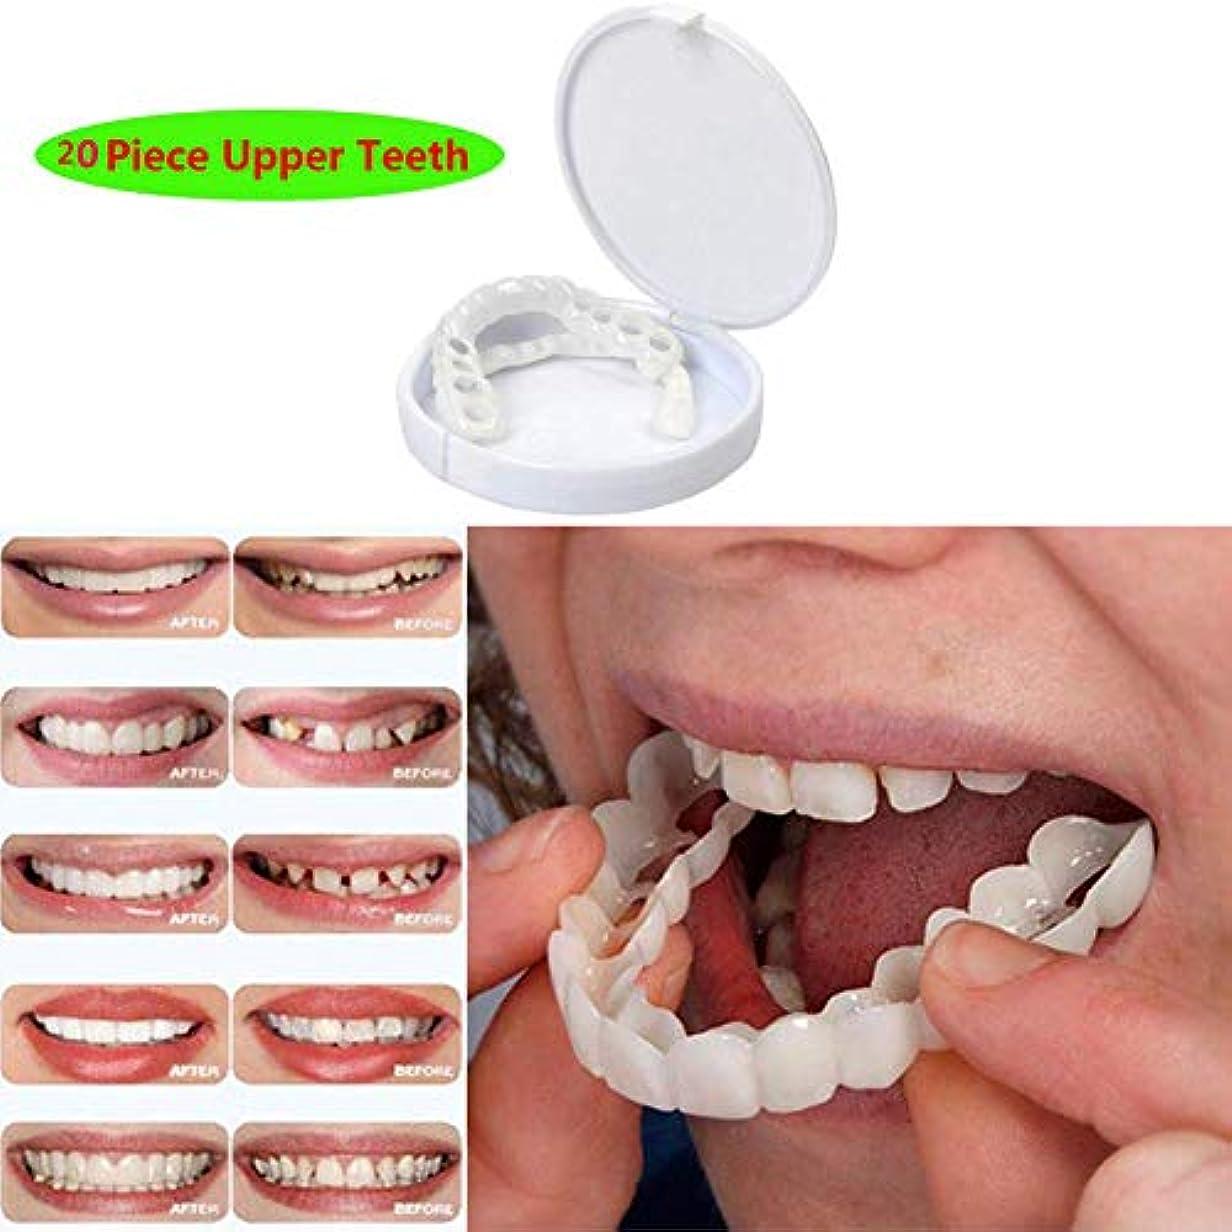 保存する陸軍届ける20Pcs一時的な化粧品の歯の義歯の化粧品は白くなることを模倣した上括弧を模倣しました